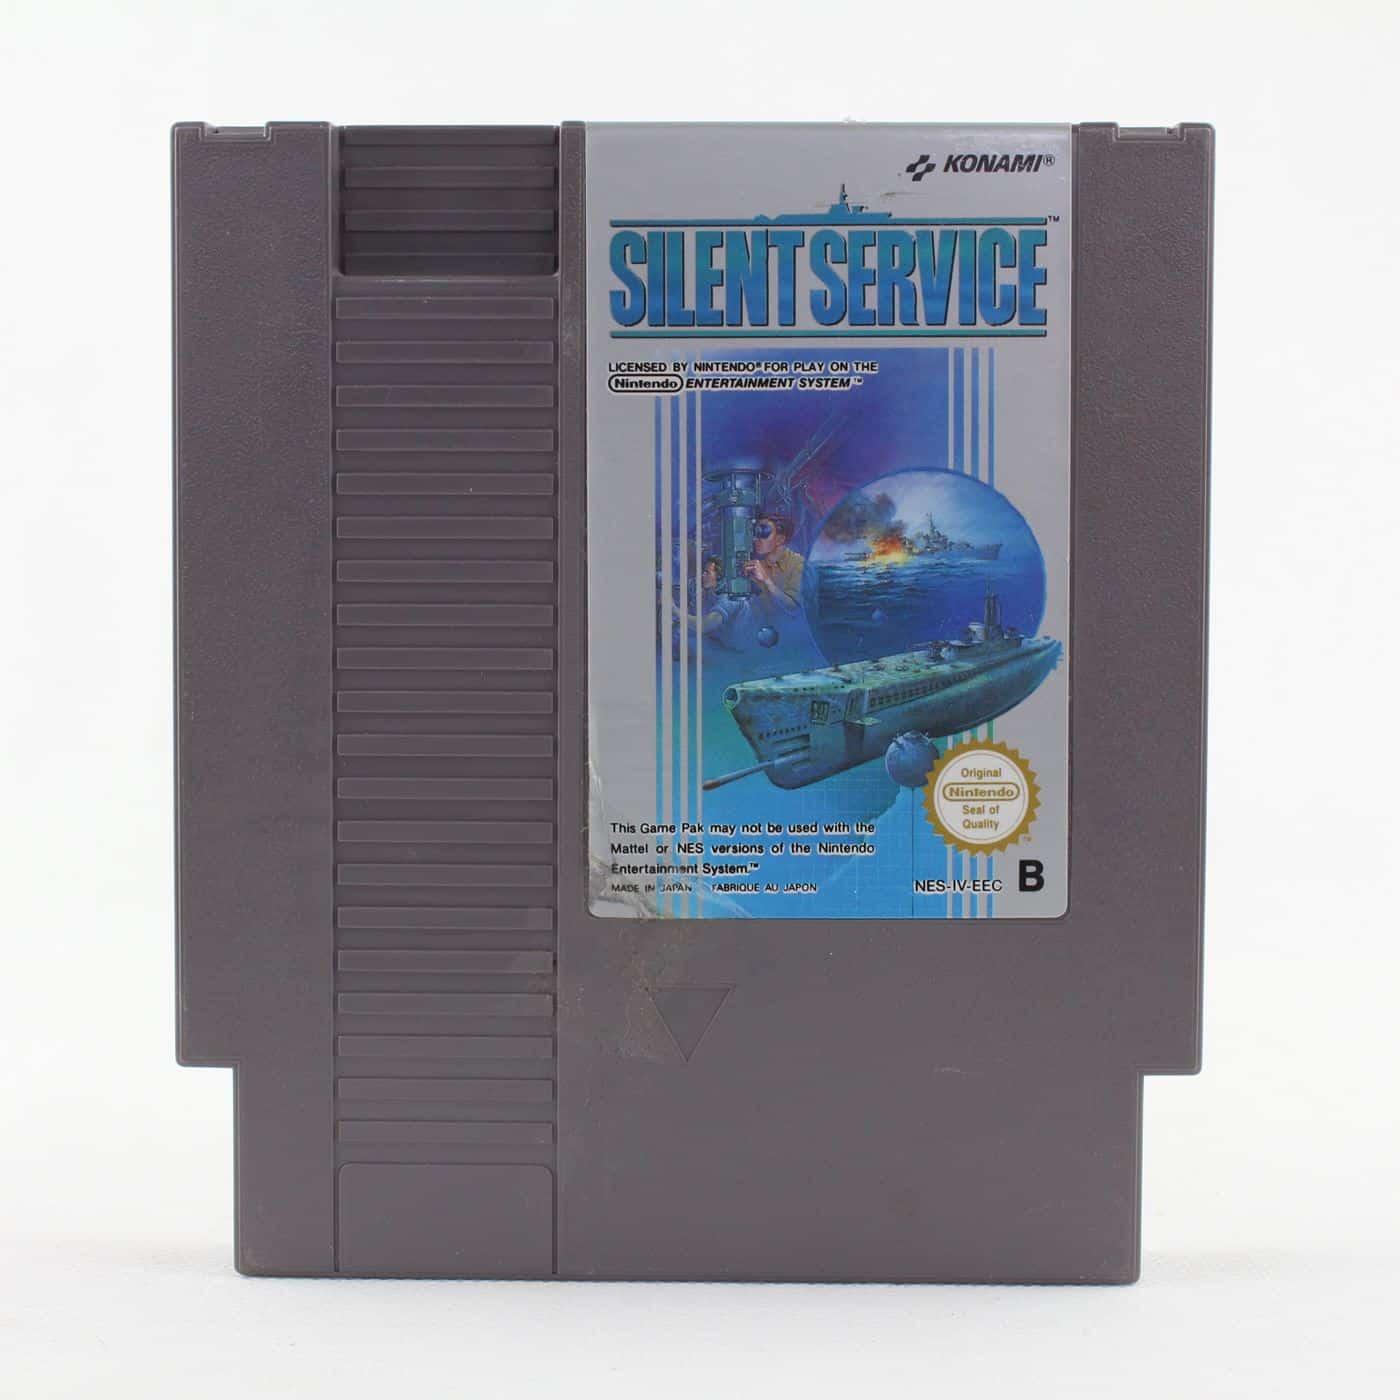 køb gamecube spil